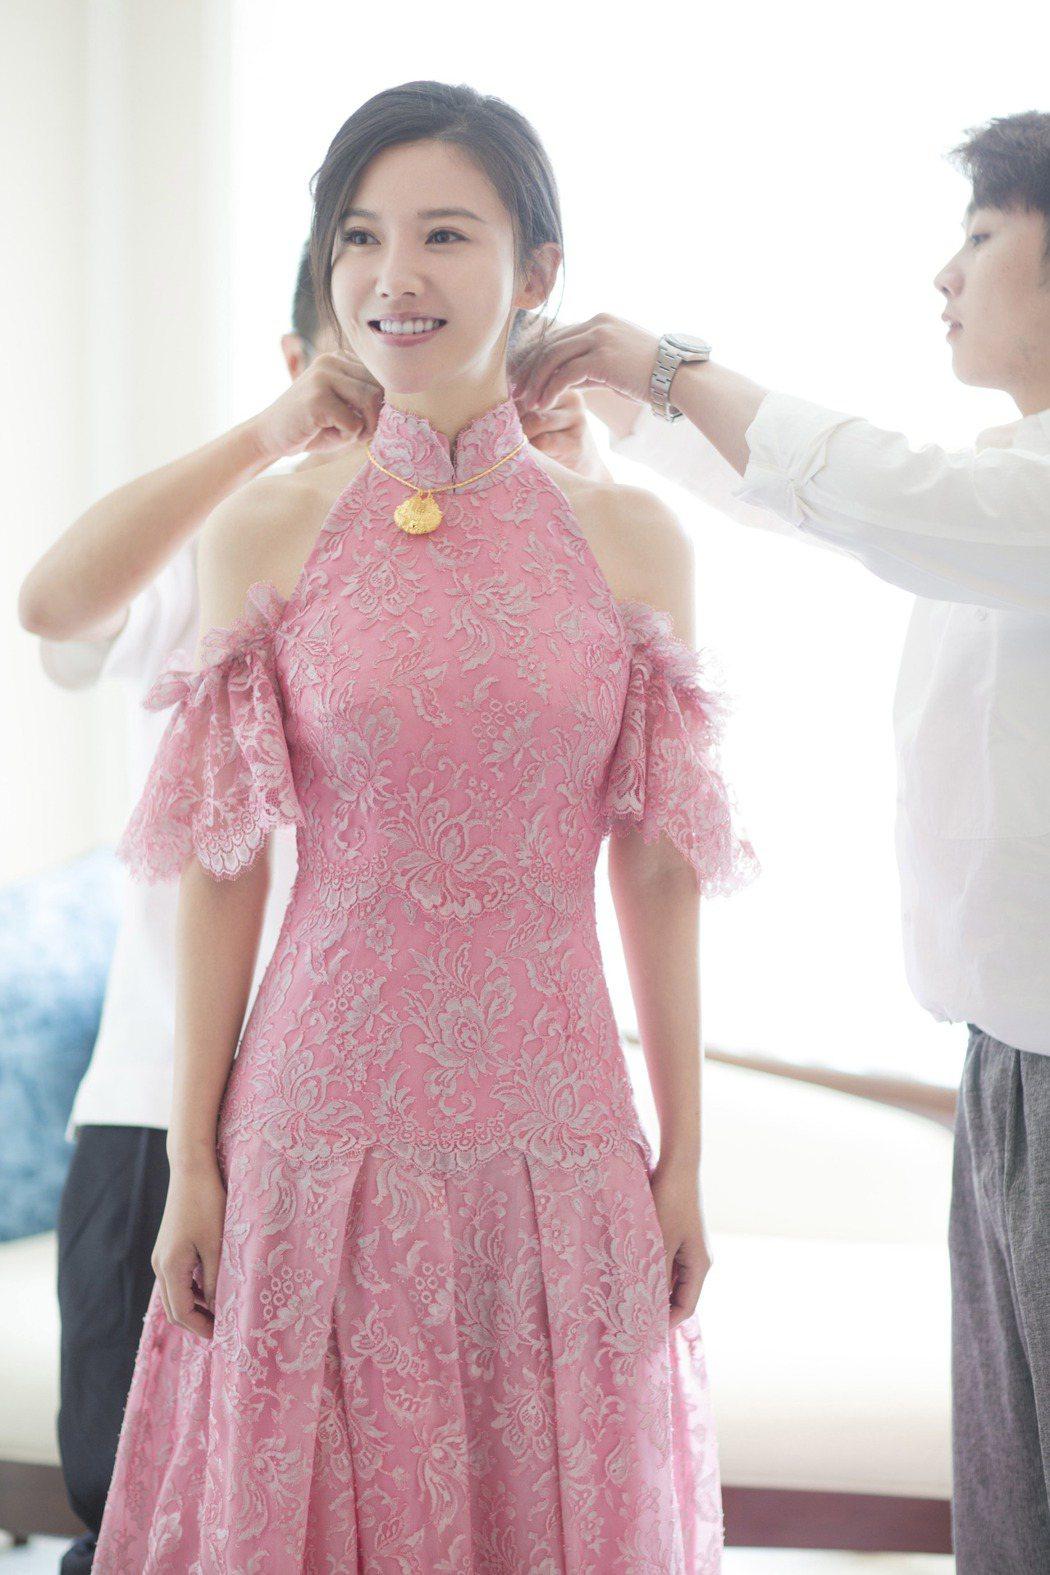 楊子姍穿雙色蕾絲挖肩洋裝,既有中式禮服的典雅也具備西式禮服的浪漫。圖/SHIAT...